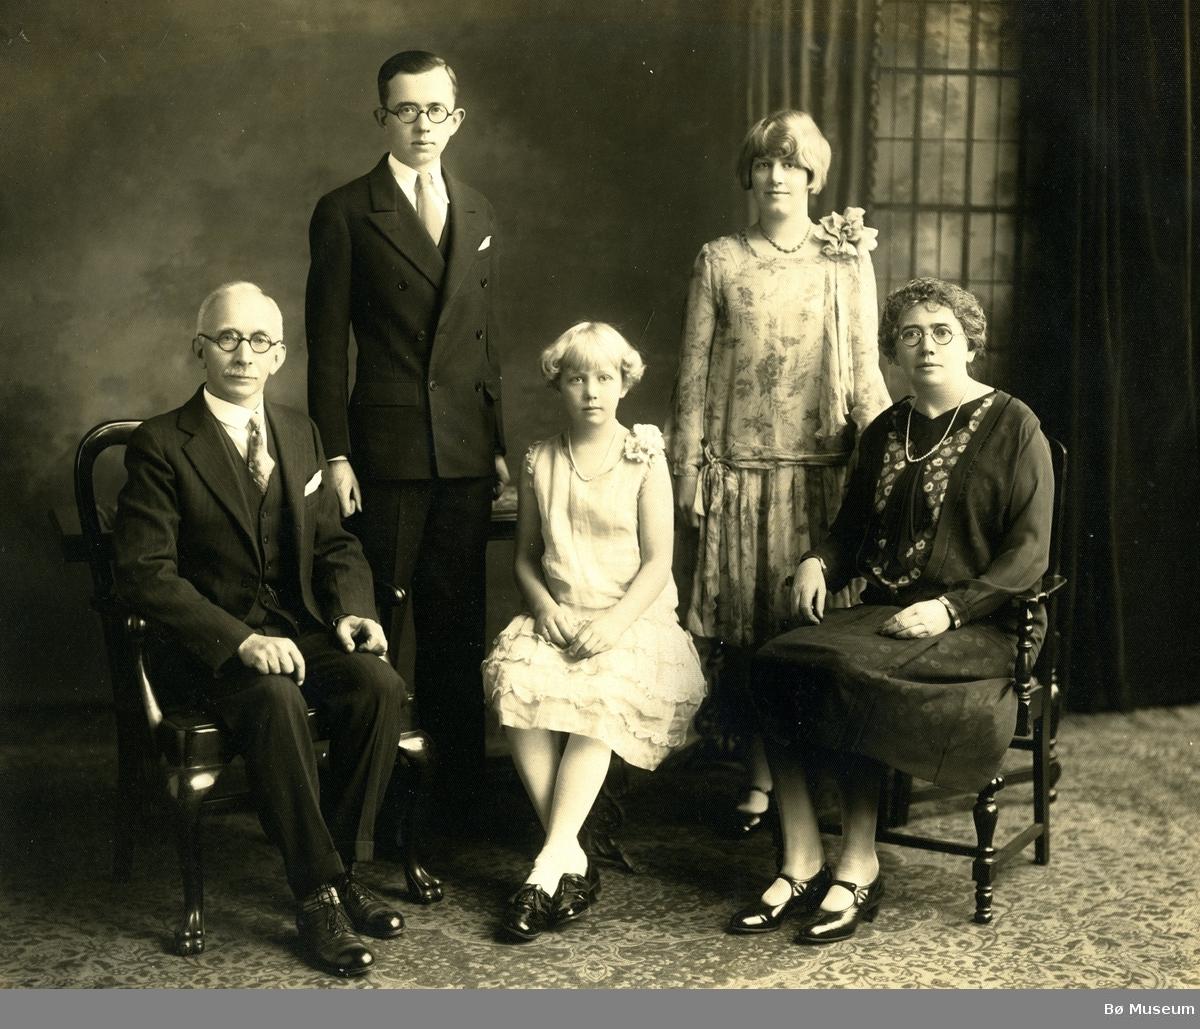 Olav Torjusson Prestholt med familie i USA, F.v. Olav Torjusson Prestholt, Torjus Clinton Prestholt, Hazel Prestholt Lepic, Nathalie Marie Prestholt og Natalie Larsen Prestholt